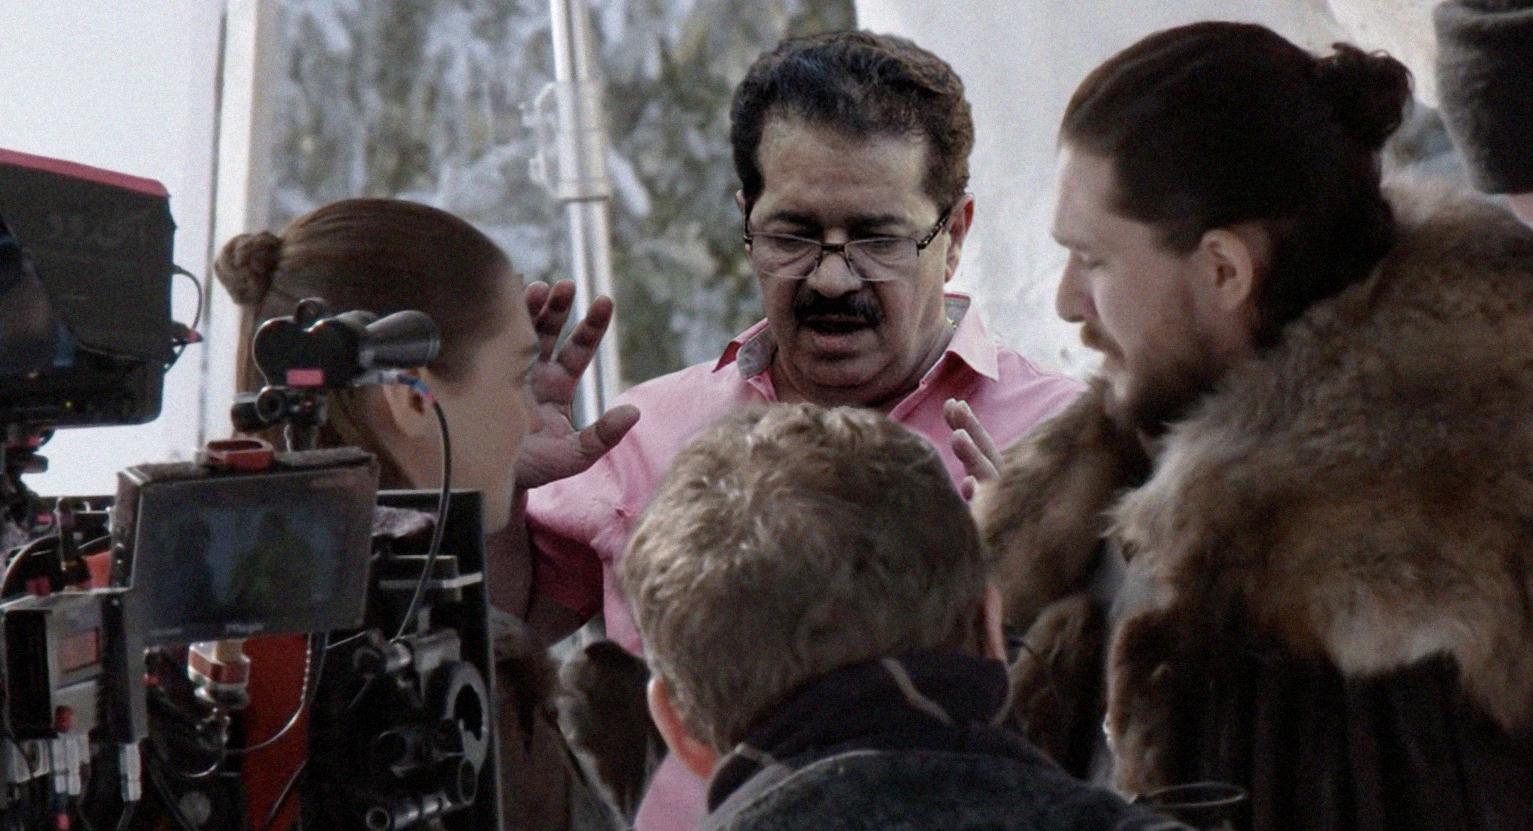 صورة خاص بالحدود: منتجو جيم أوف ثرونز استعانوا ببَسَّام الملا لإخراج الحلقة الأخيرة